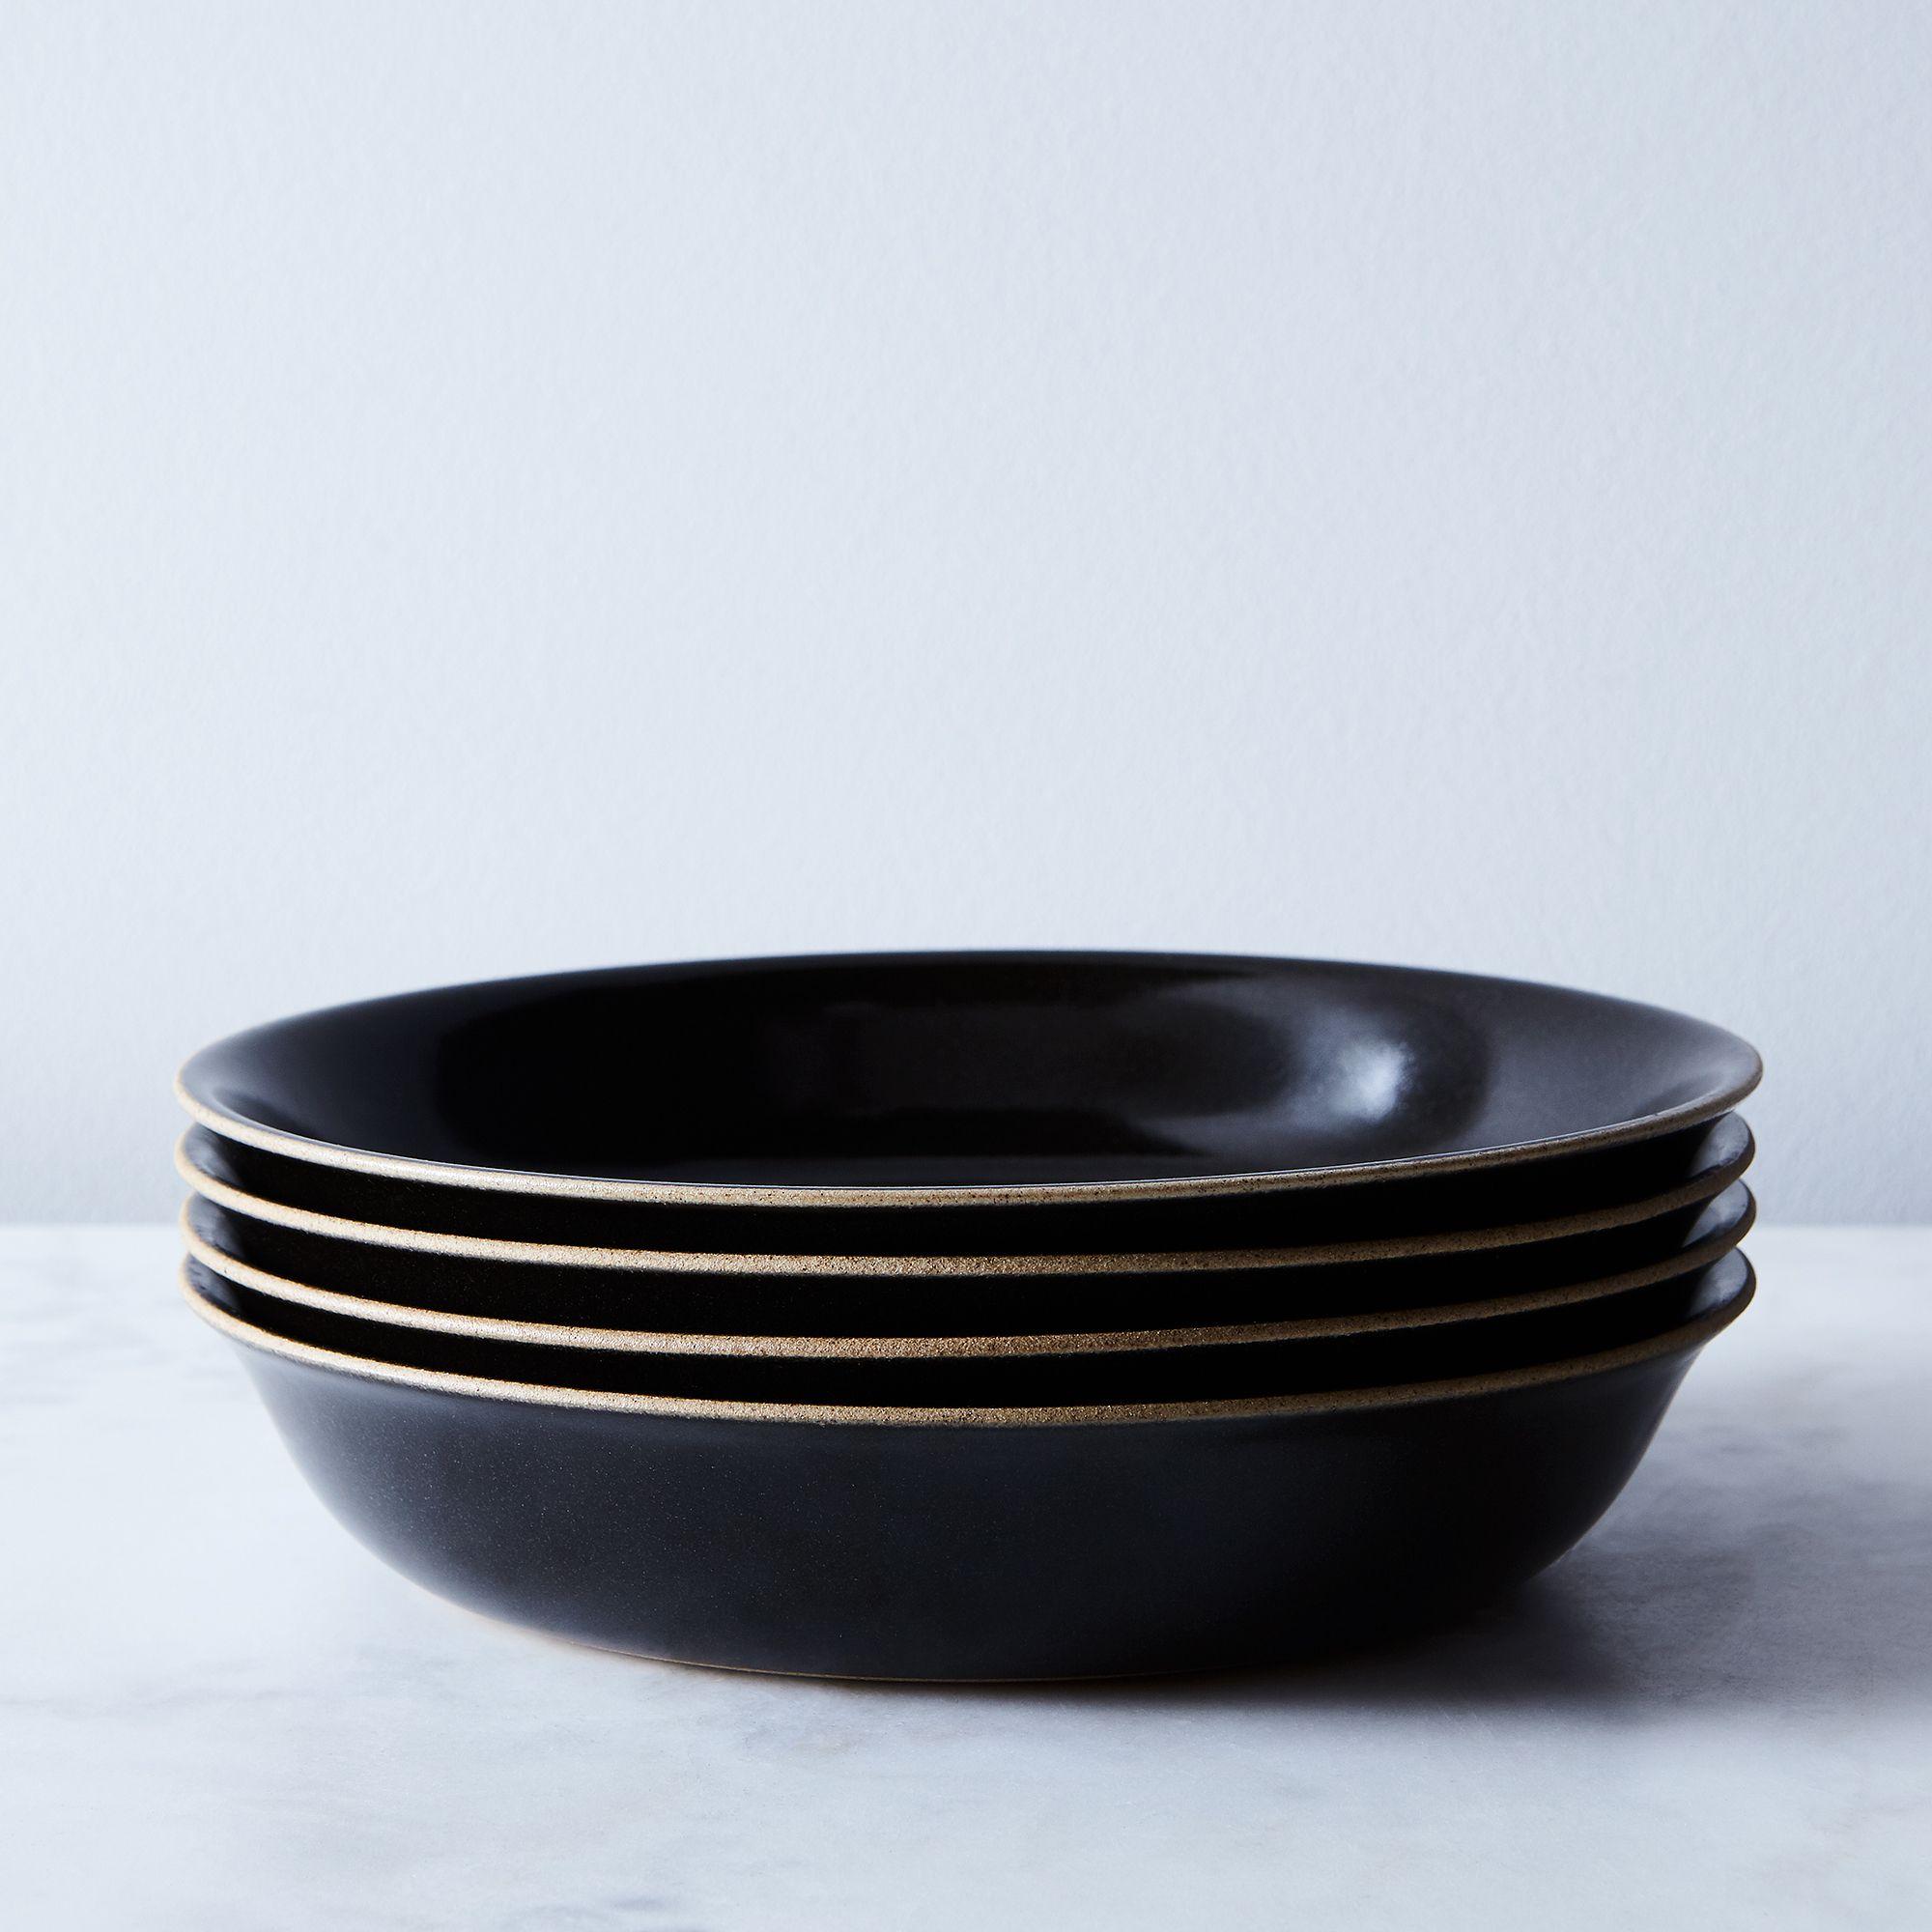 F959627e 79d4 4e35 b419 201721488066  2017 0907 kinto black ceramic dinnerware set of 4 pasta plates silo rocky luten 001